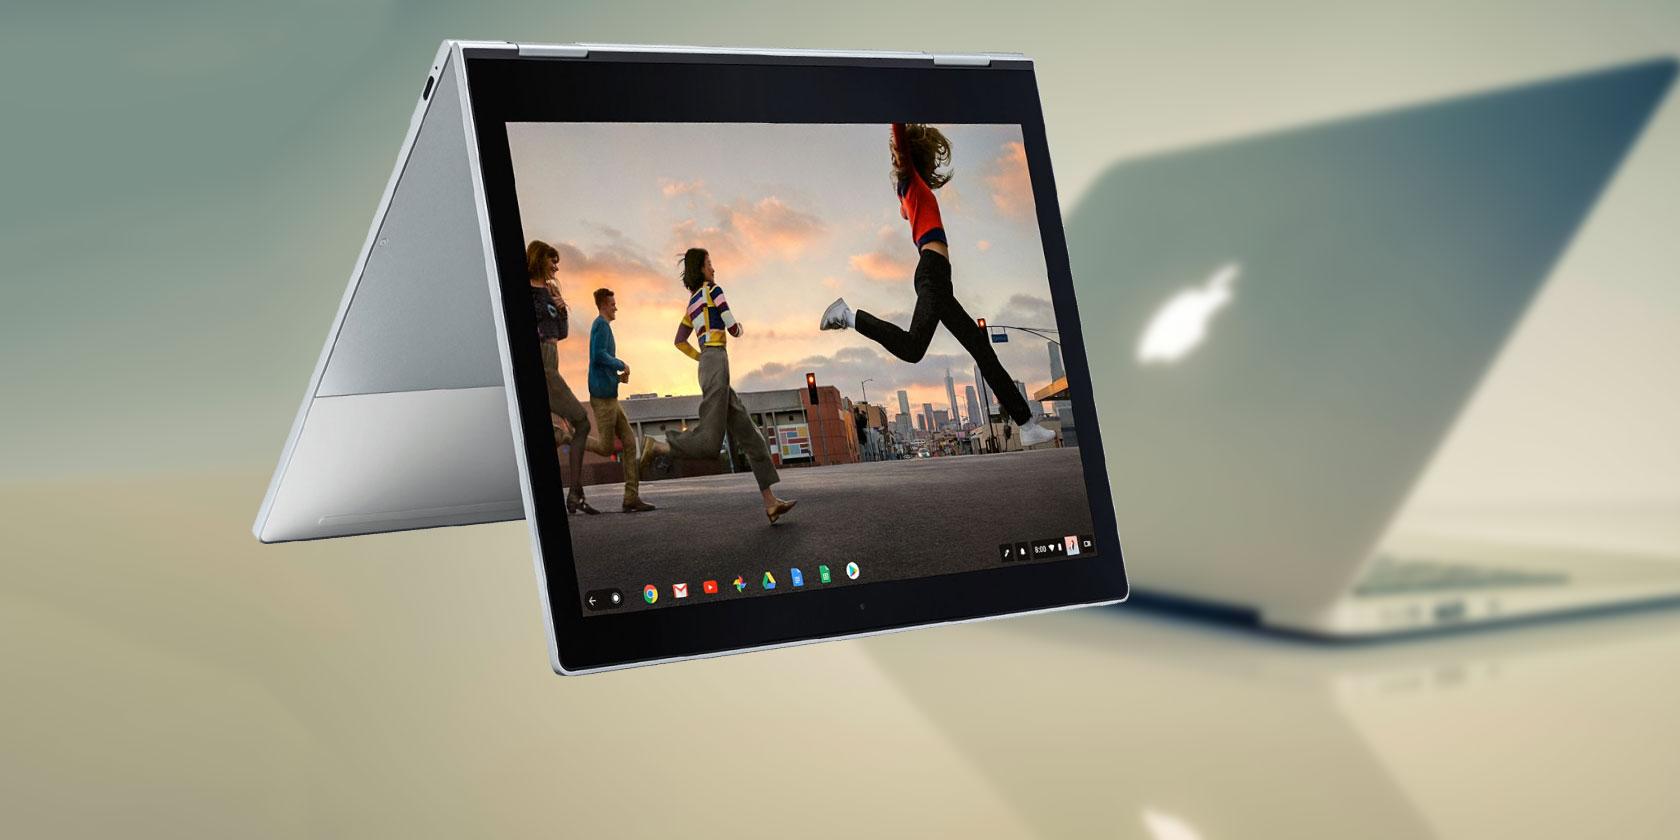 pixelbook-vs-macbook